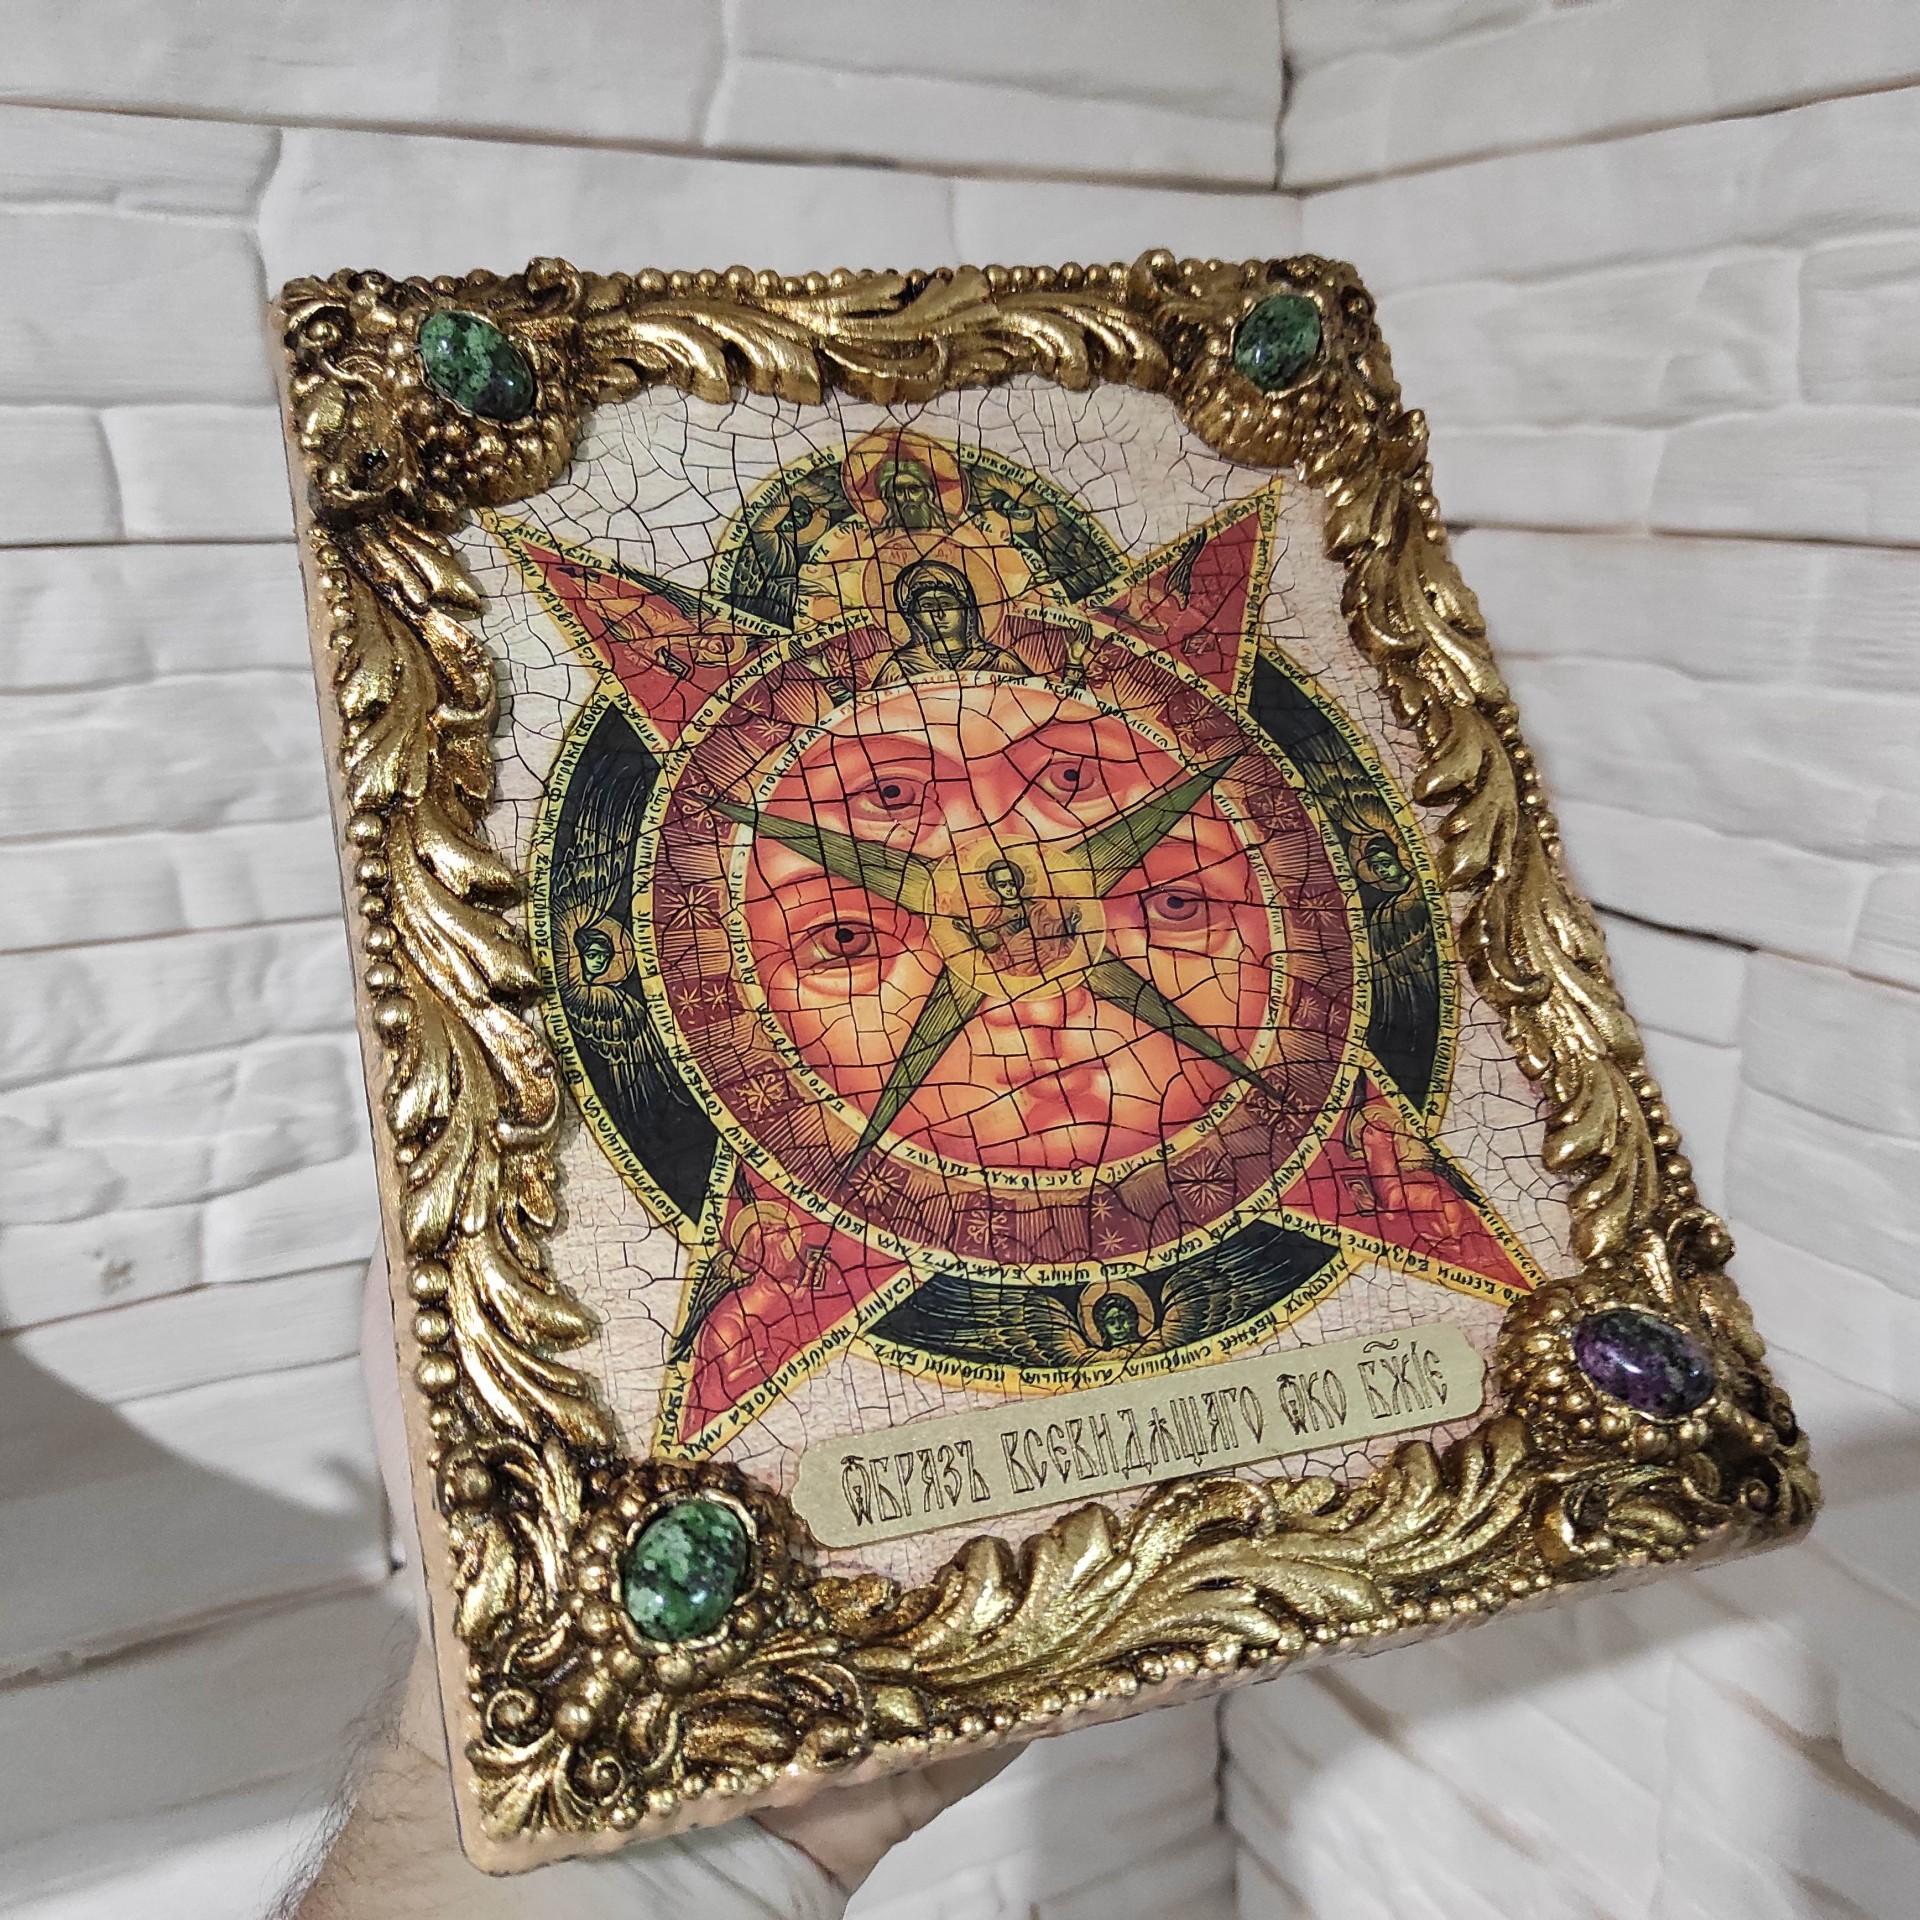 Фото общий вид справа иконы под старину Всевидящее око с иглицами и камнями